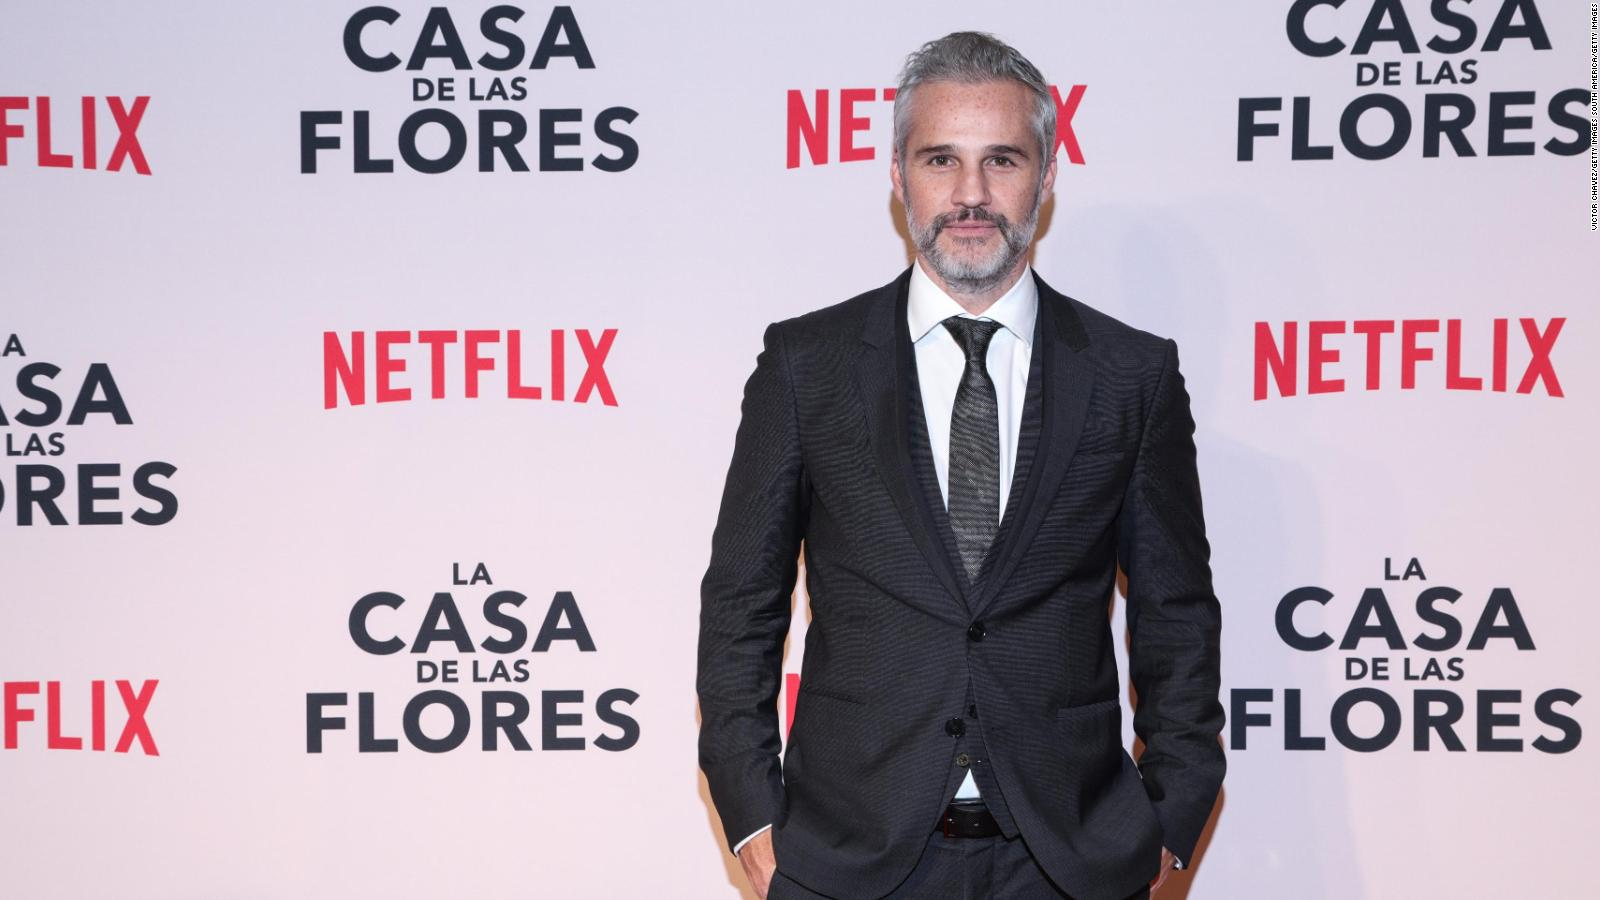 Juan Pablo Medina, actor de «La casa de las flores», está «estable y en recuperación», dicen sus representantes